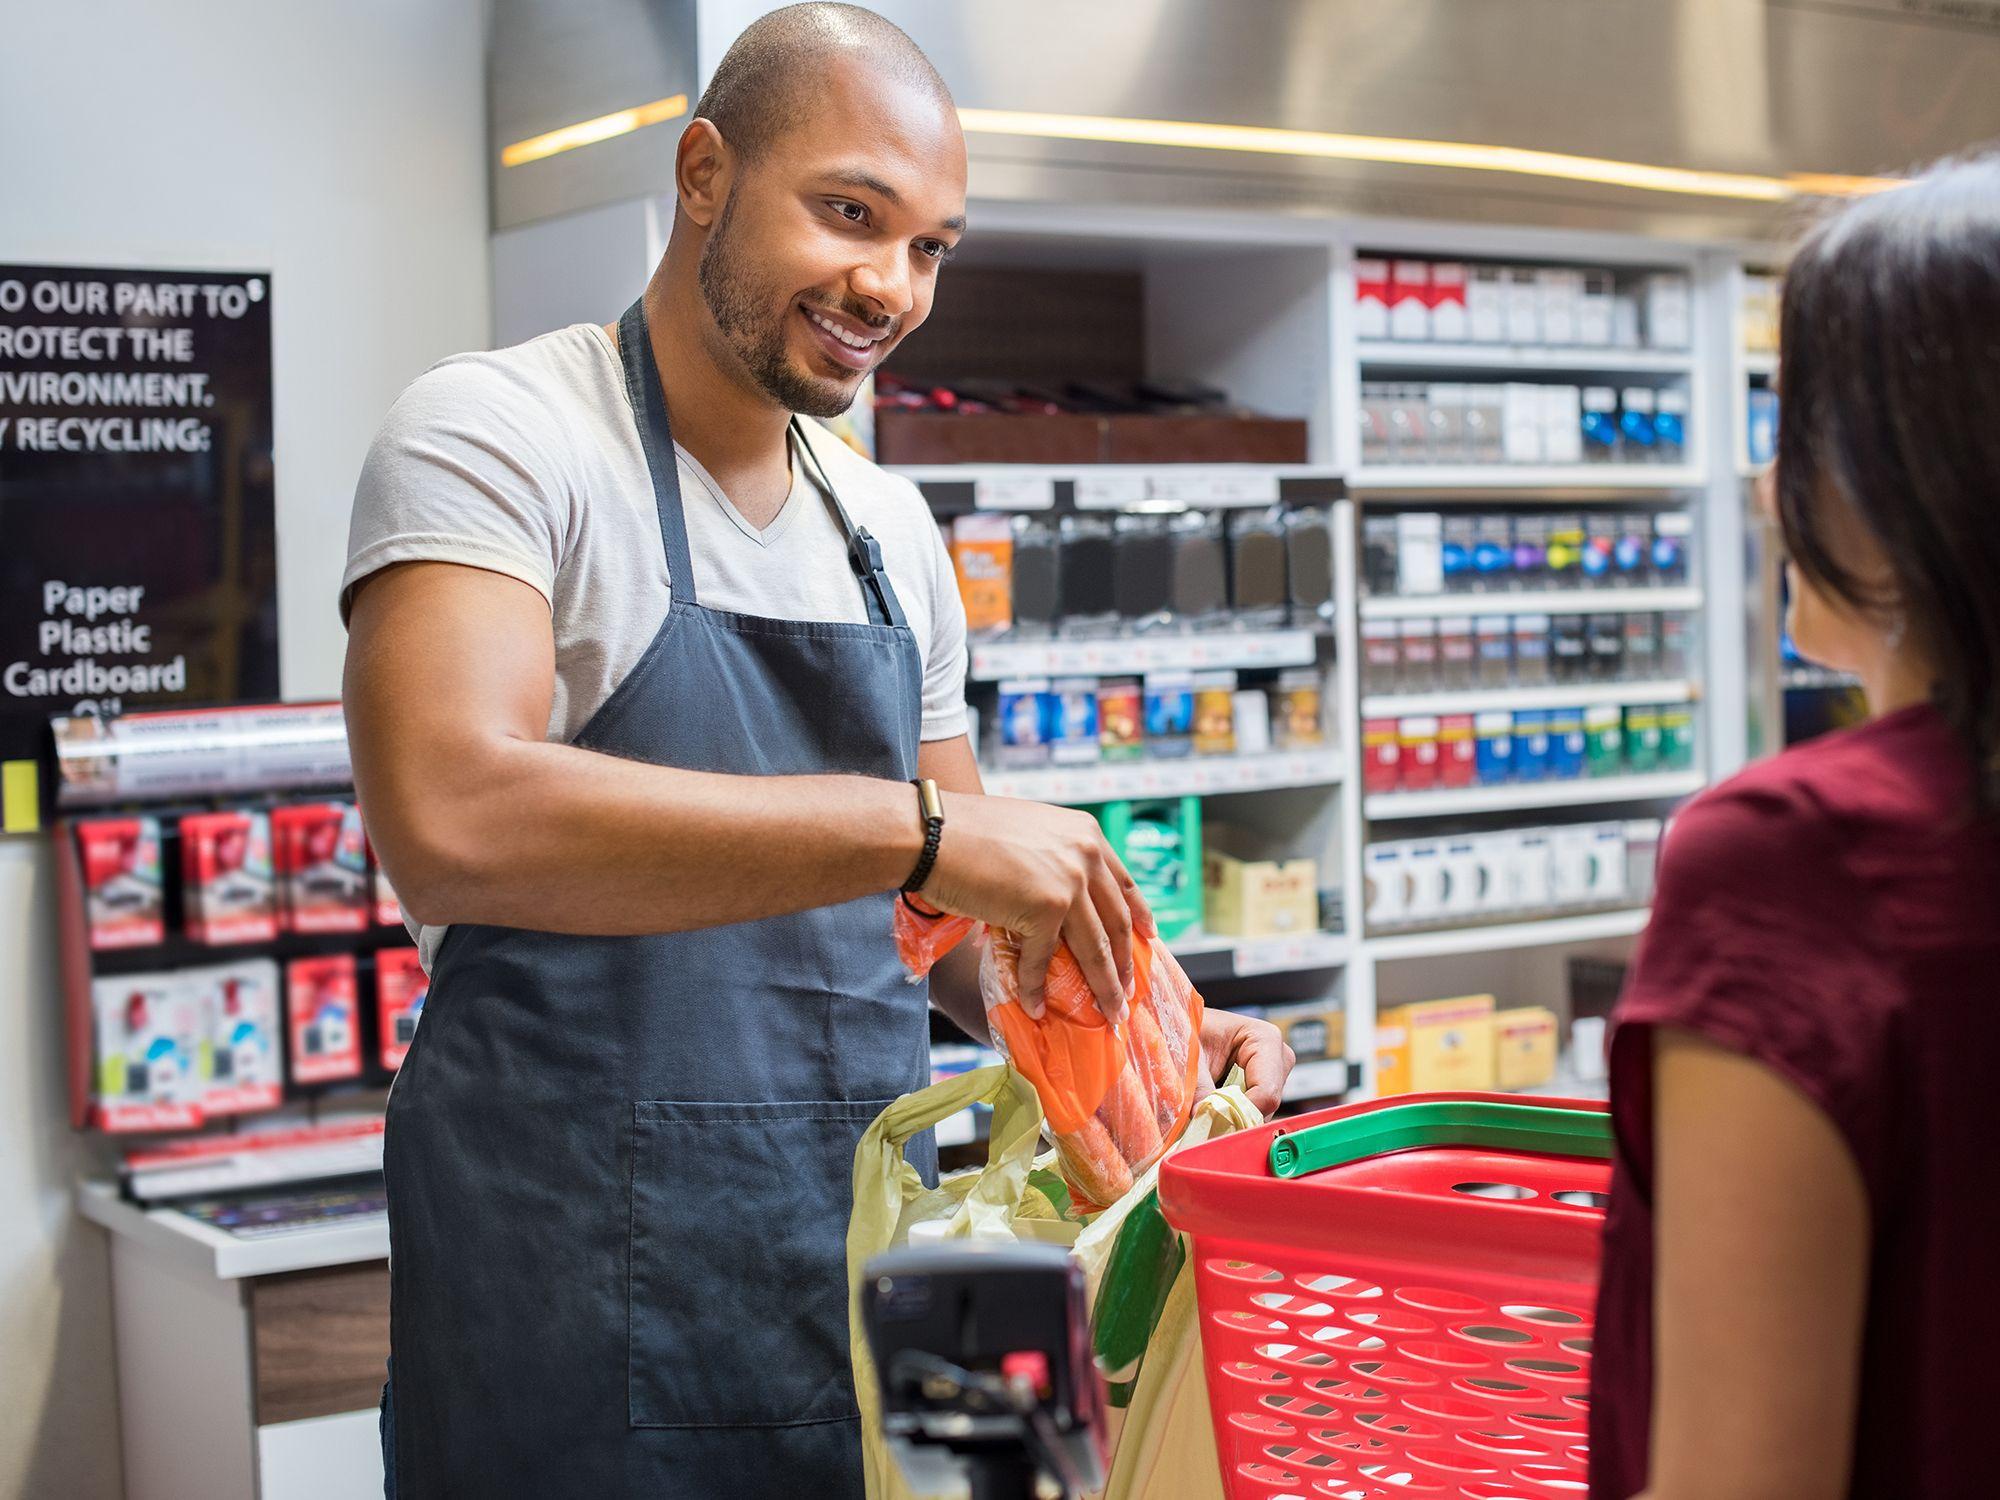 Level 3 - Kassenmitarbeiter wie Kassierer, Kassiererinnen, Kassenaufsicht, Kassenaushilfen, Kassenpersonal, Kassenhilfen, Kassenhelfer, Kassenverwalter und Kassenangestellte zwecks direkter Personalvermittlung oder Zeitarbeit per Arbeitnehmerüberlassung und Personalüberlassung für den Einzelhandel, Kundenservice, Kassenbetrieb, Vertrieb, Direktvertrieb, Vertriebsberatung, Verkaufsinnendienst, Verkaufsabteilung und Großhandel finden und buchen